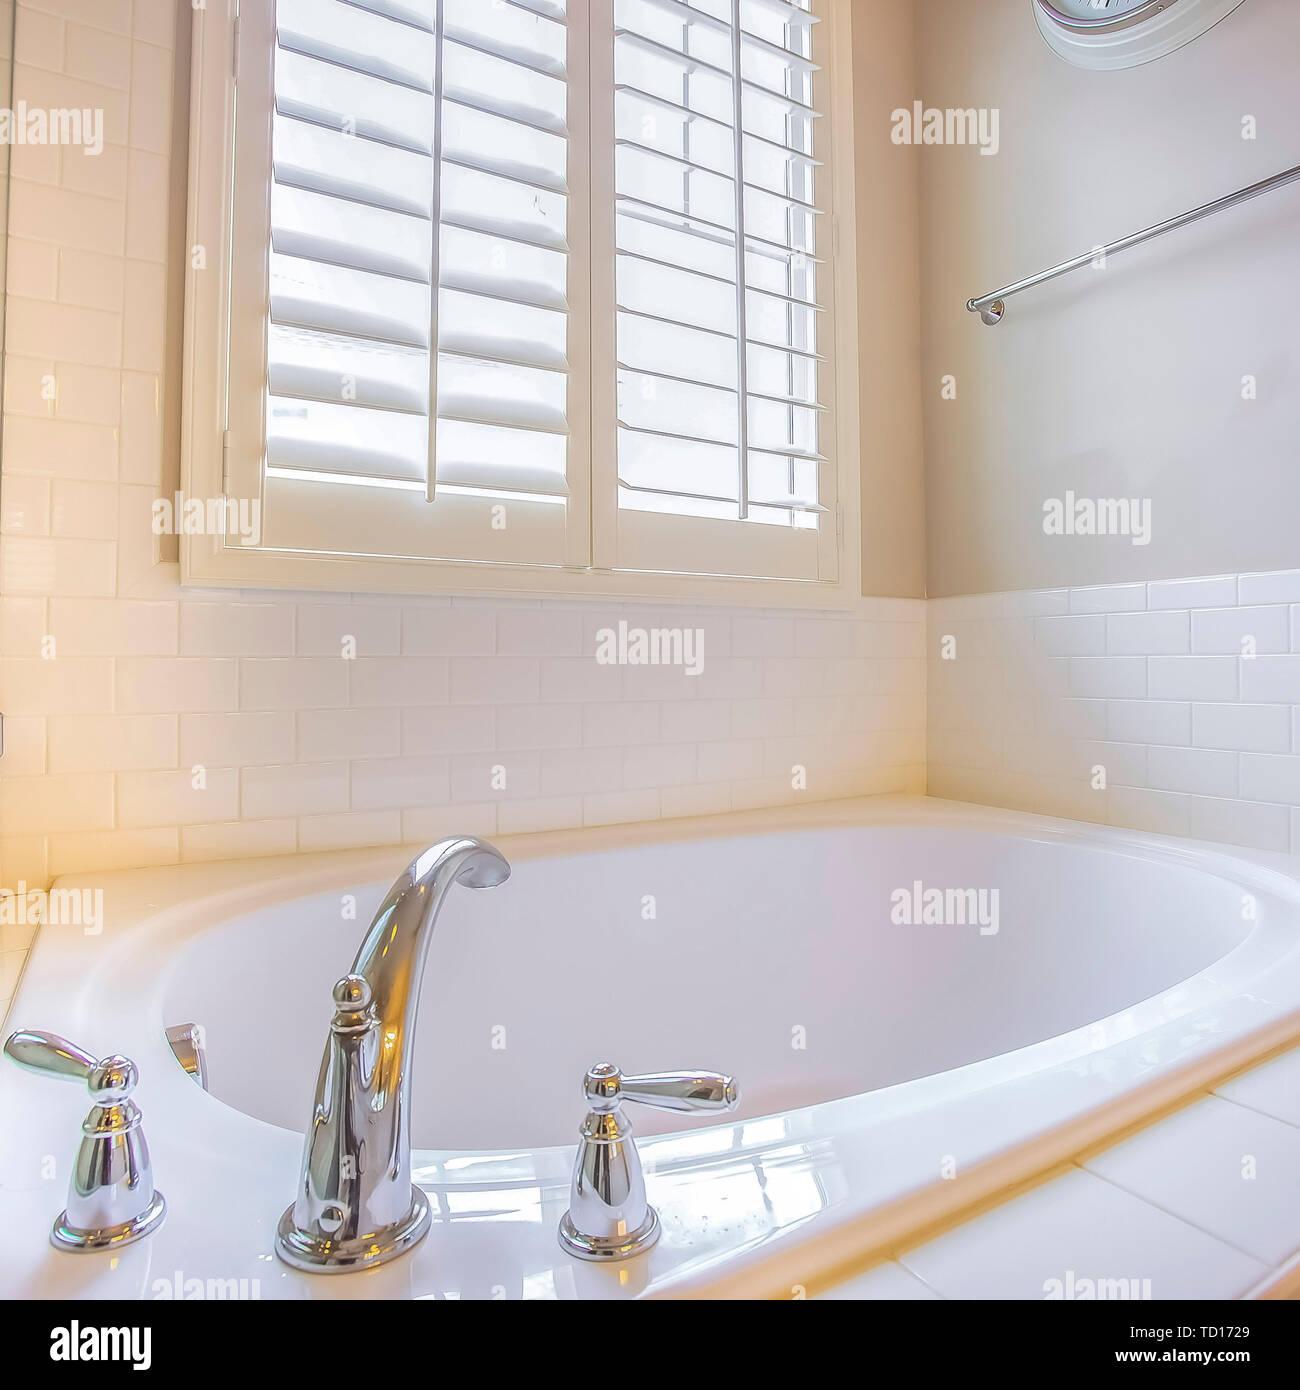 Platz in Badewanne und Fenster mit Jalousien im Badezimmer ...